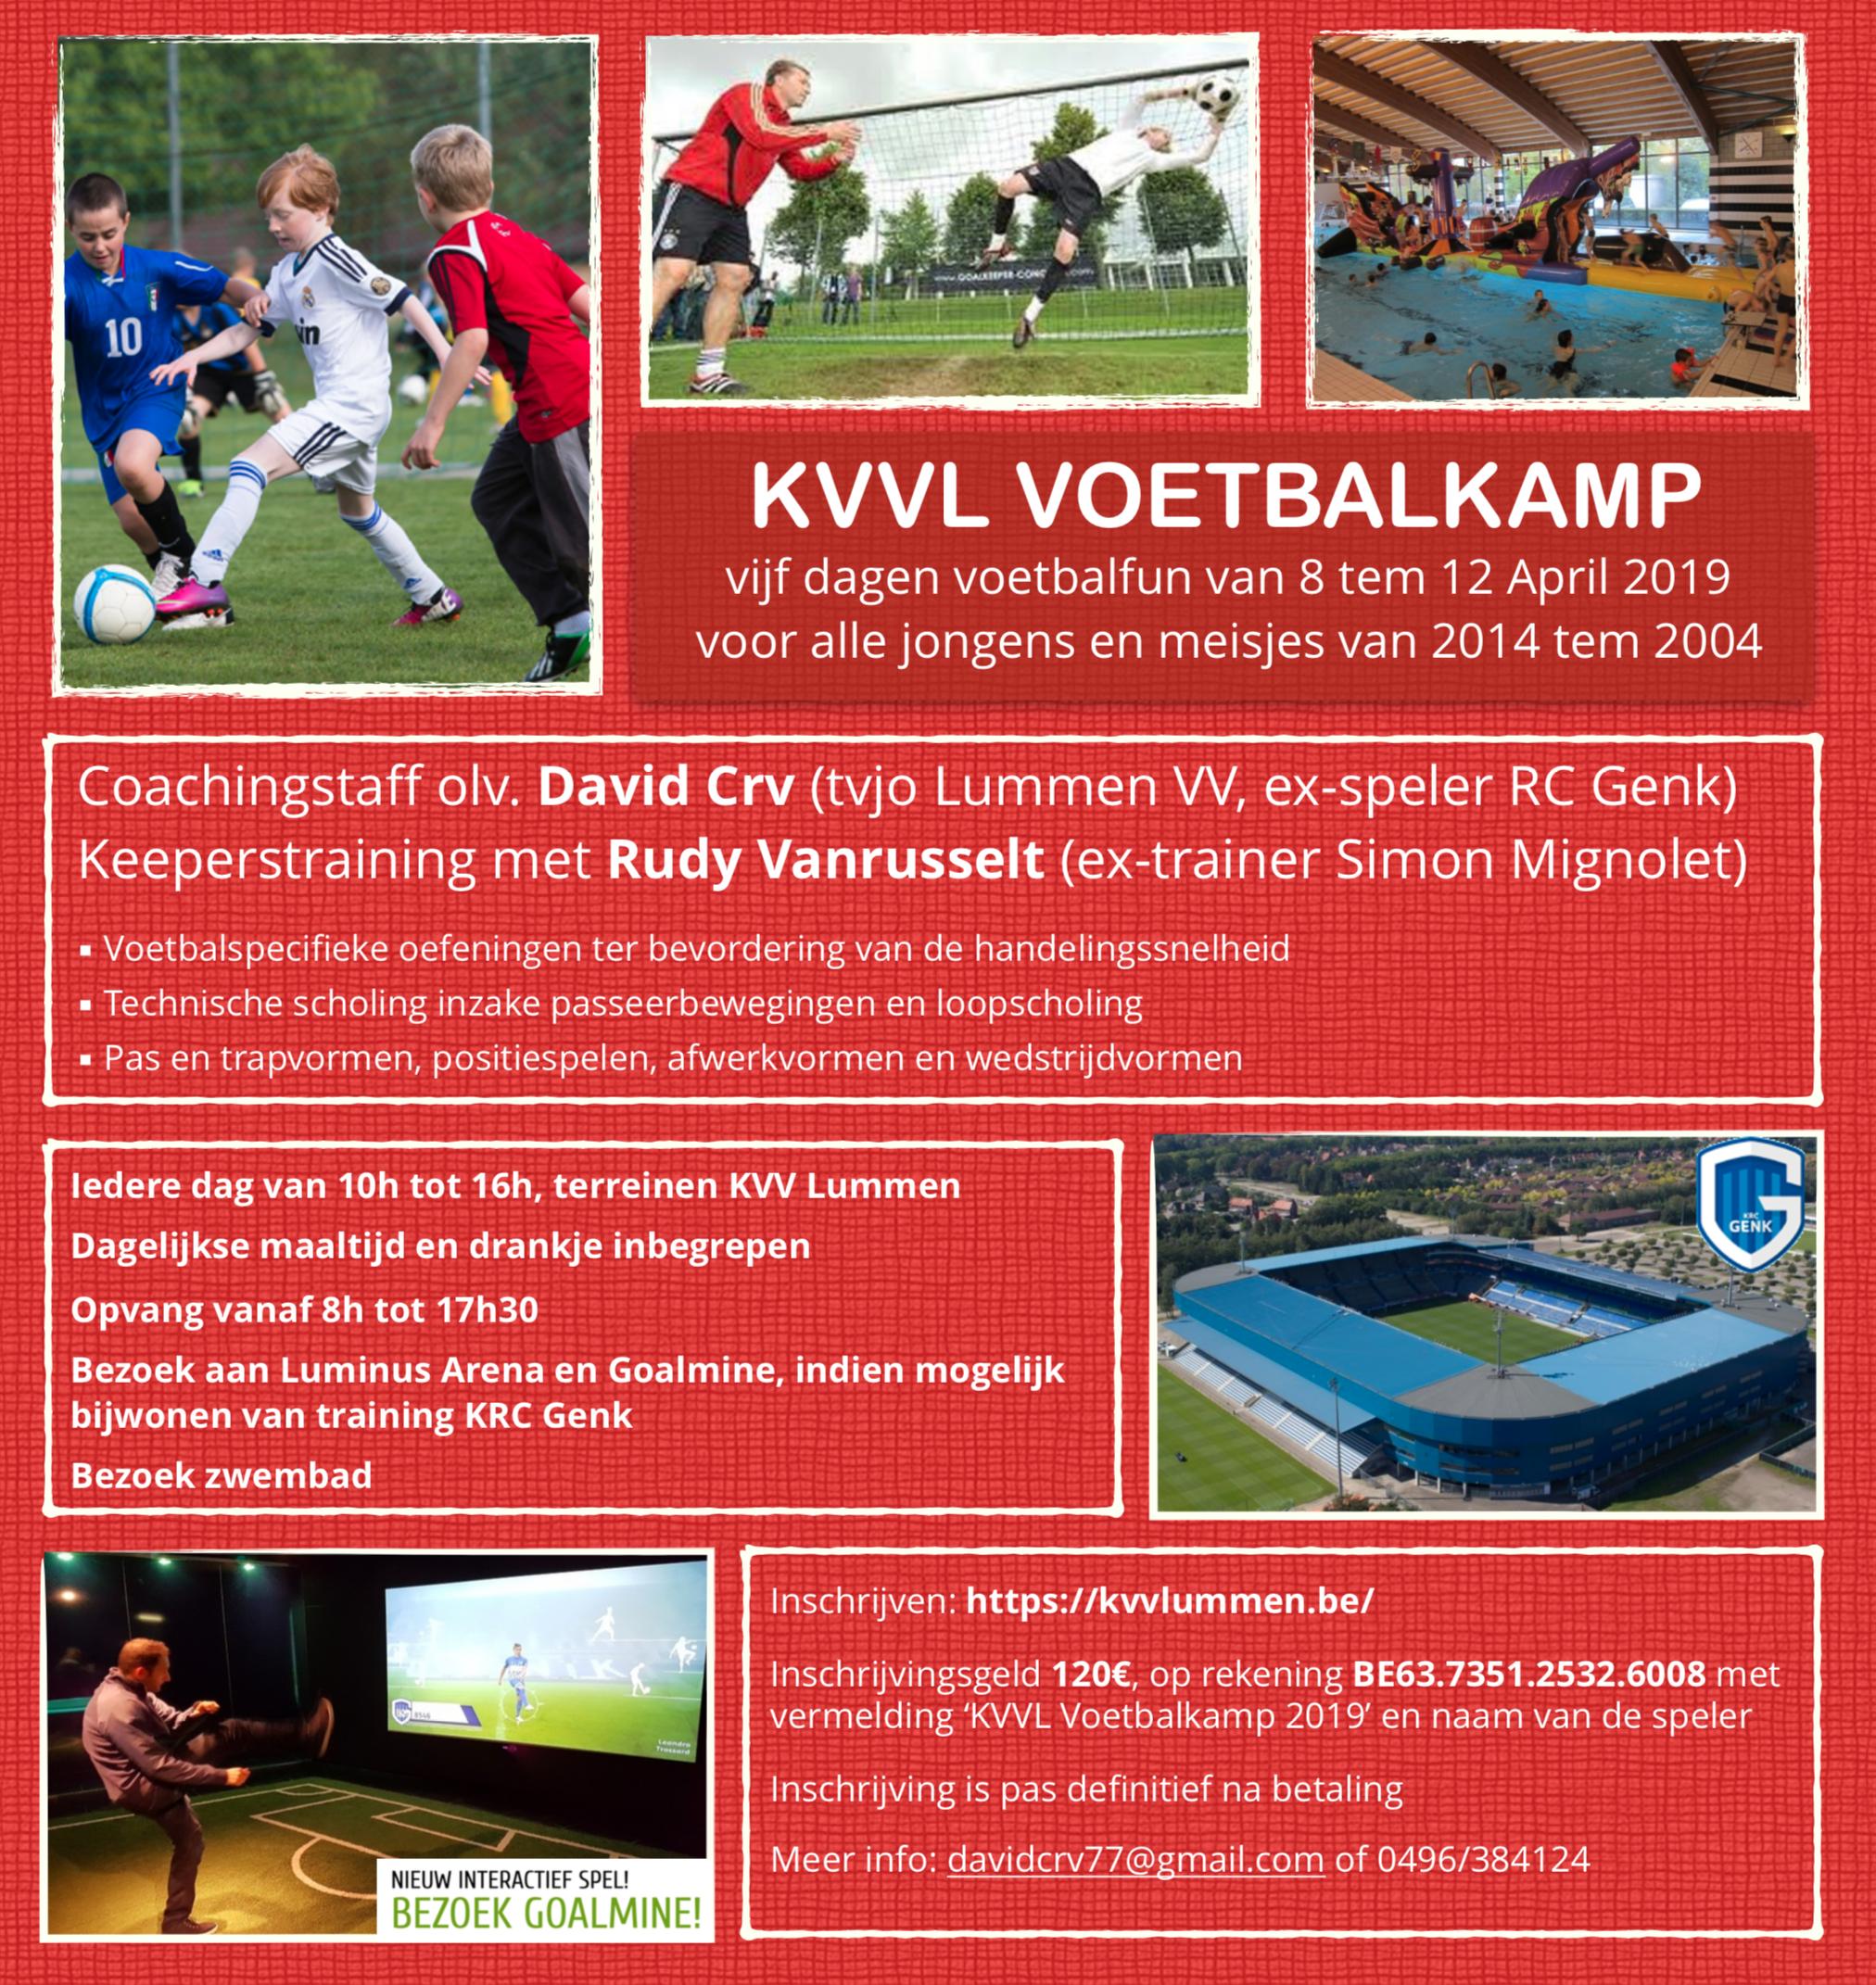 KVVL Voetbalkamp 2019